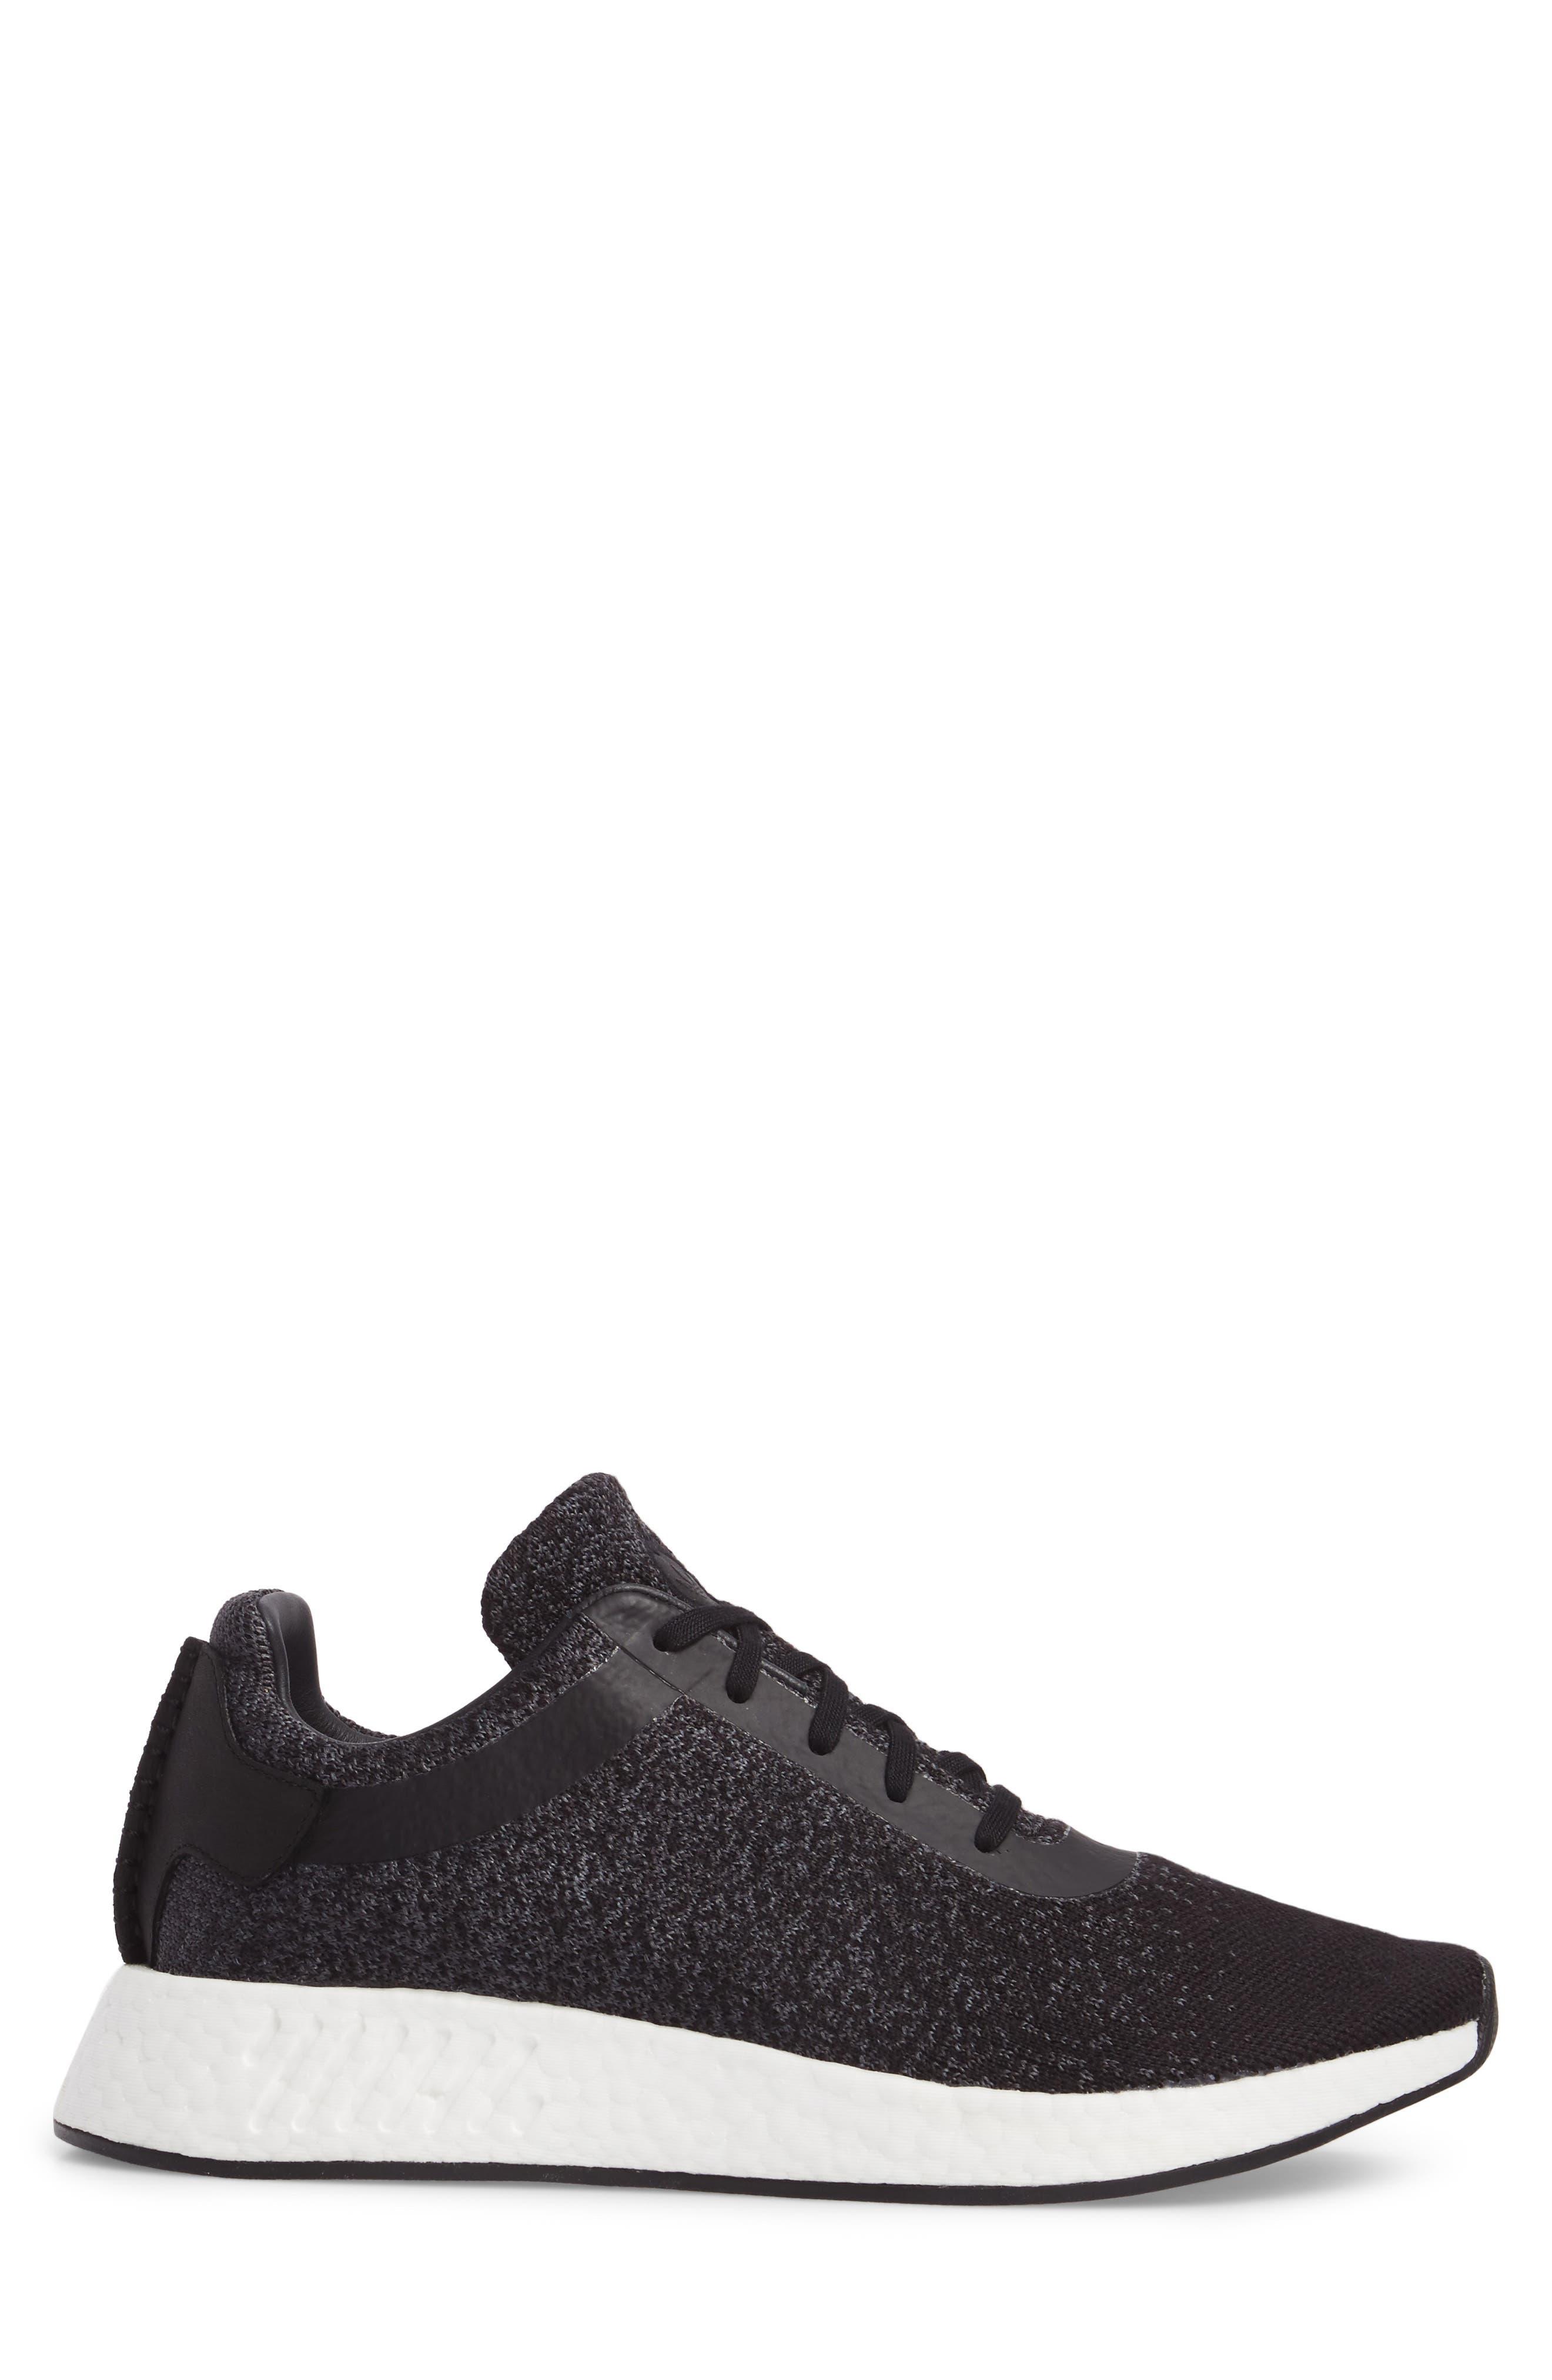 Alternate Image 3  - adidas x wings + horns Primeknit NMD_R2 Sneaker (Men)